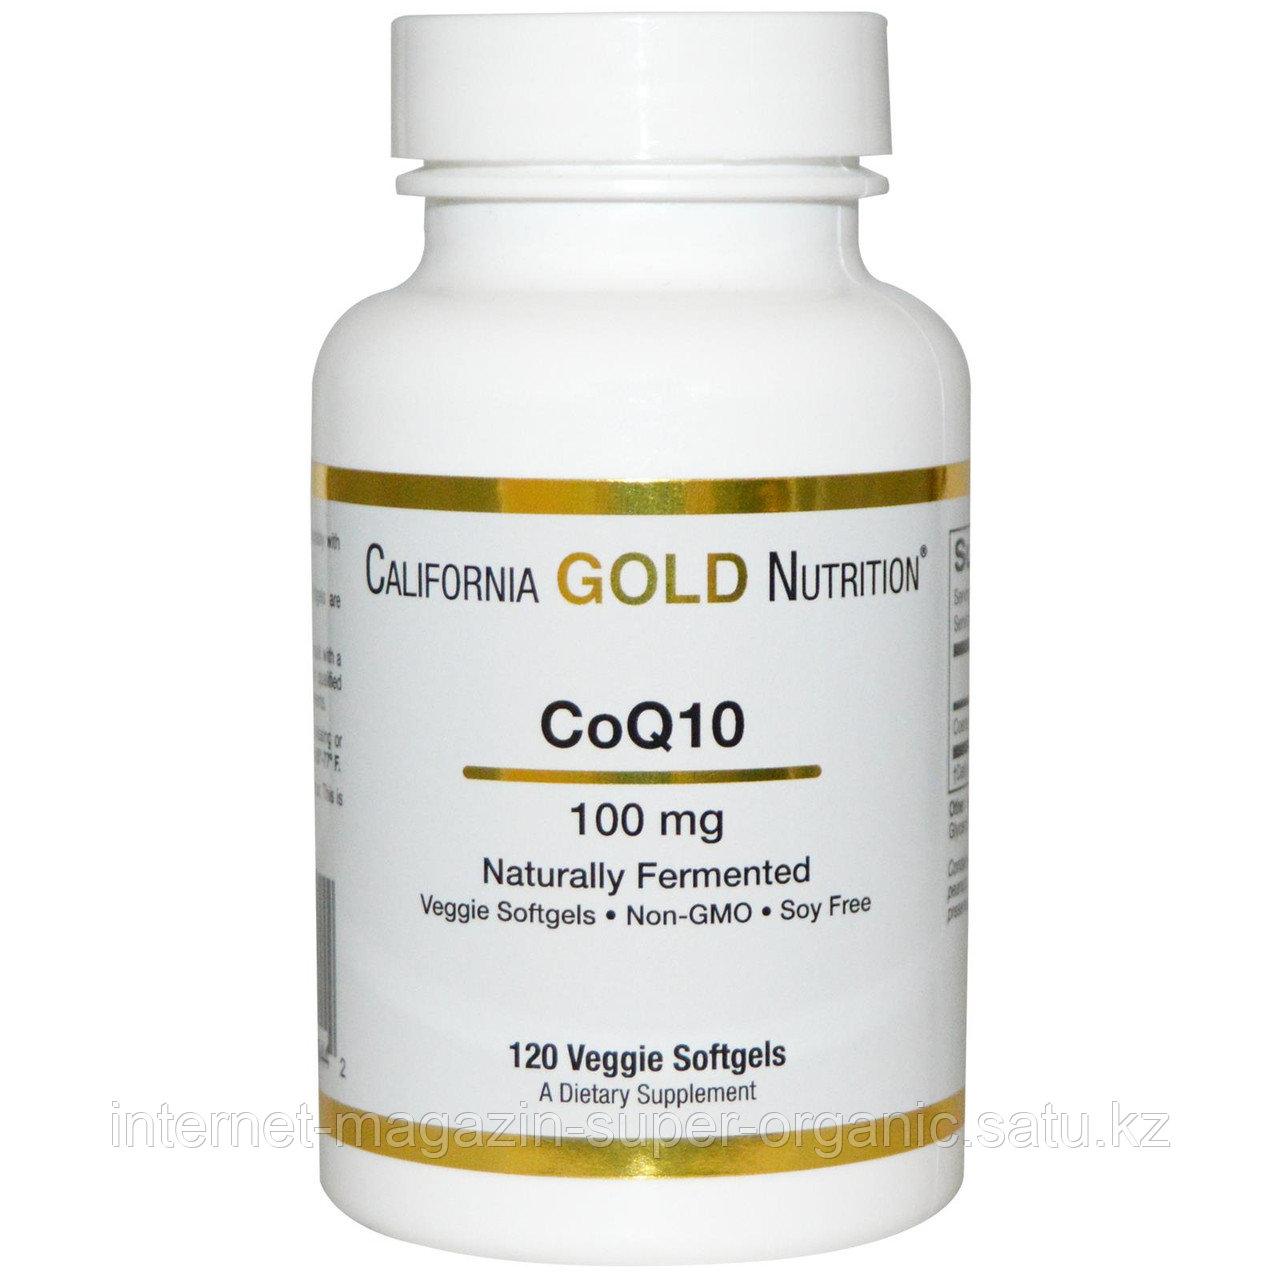 Коэнзим Q10, 100 мг, 120 капсул